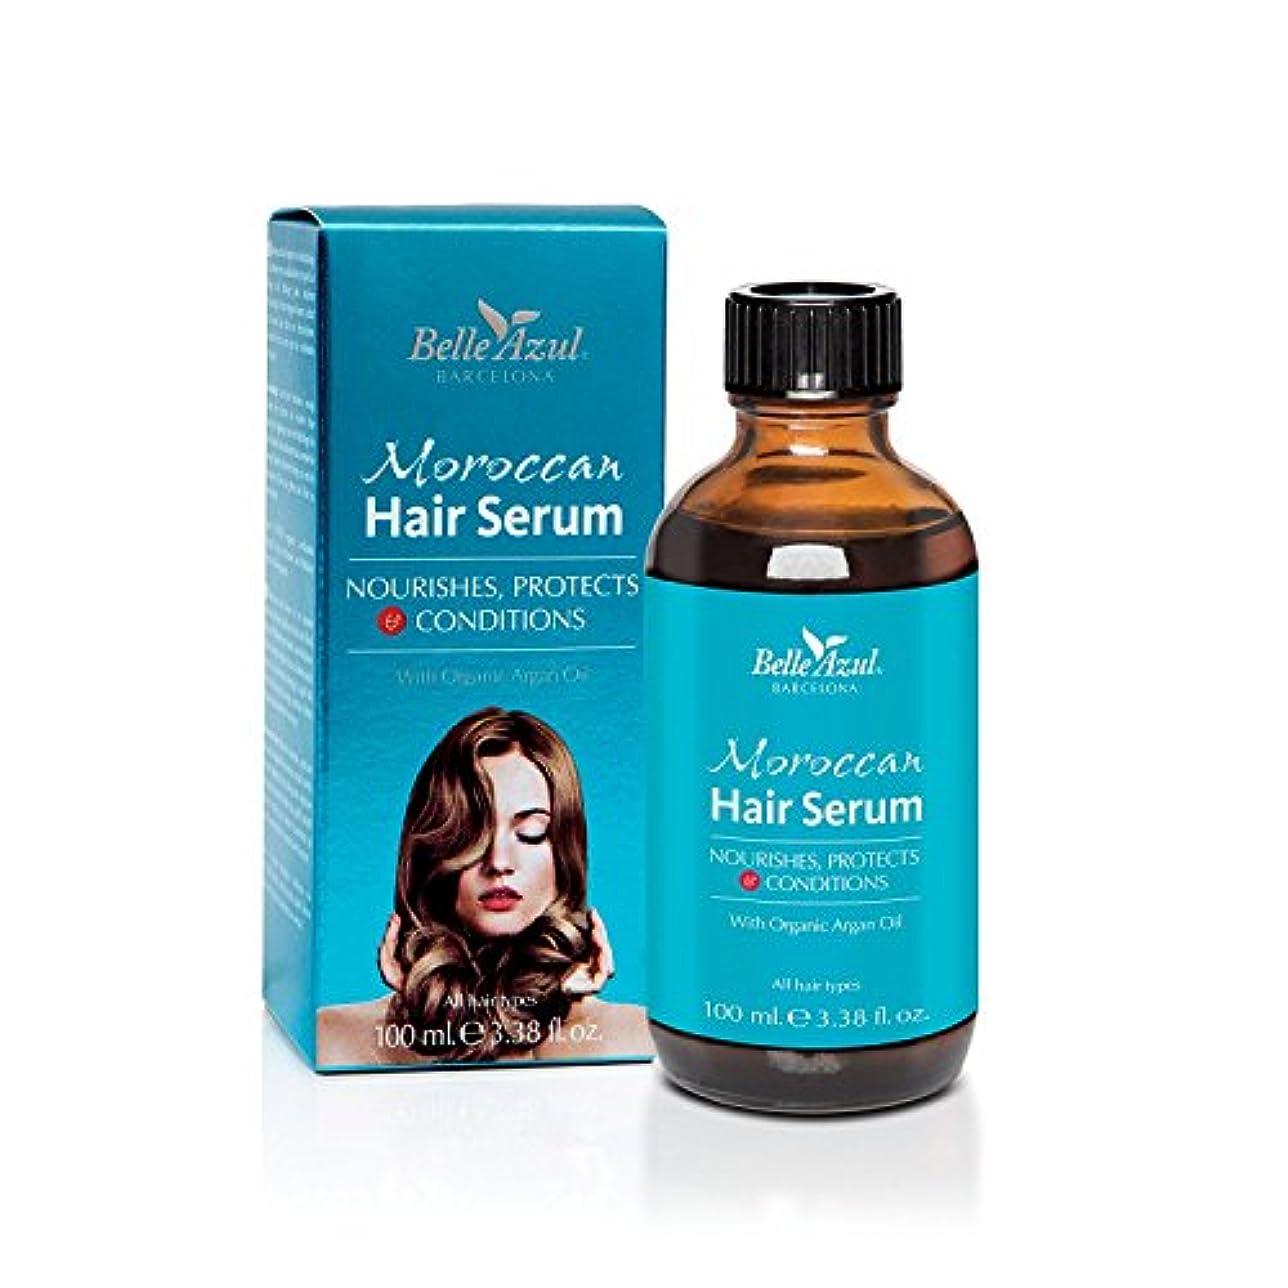 統合制限習慣ベルアスール (Belle Azul) モロッカン ヘア セラム 髪用 美容液 アルガンオイル 配合